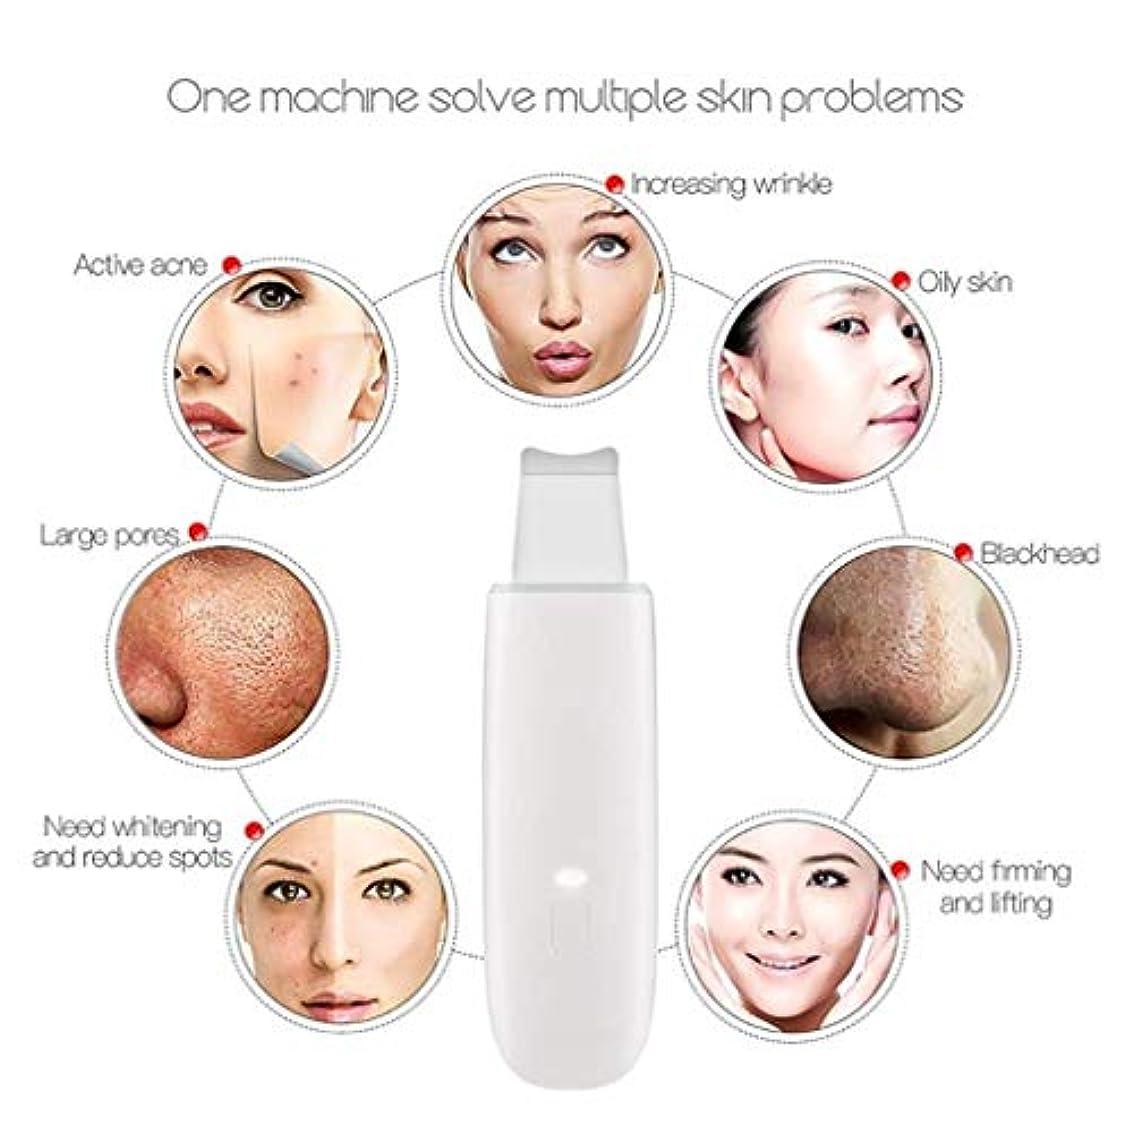 落ち着く髄検索エンジンマーケティング顔の美のマッサージャー、顔のマッサージャー、微結晶の顔の修理の深いクリーニングの美装置、超音波顔持ち上がるマッサージャー